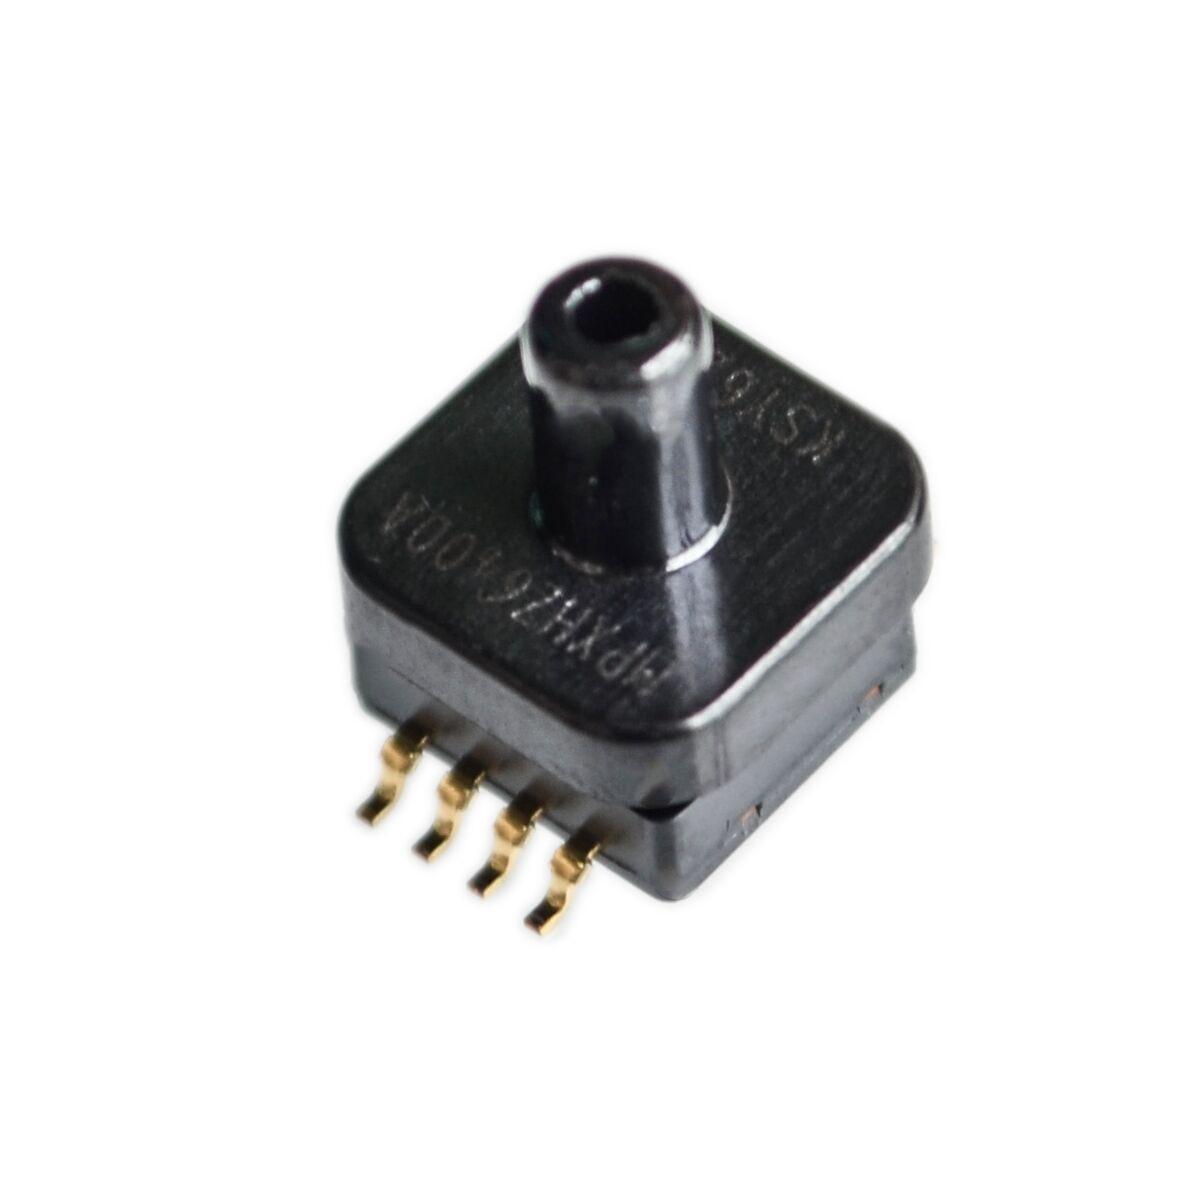 MPXHZ6400AC6T1 MPXHZ6400A Pressure Sensor